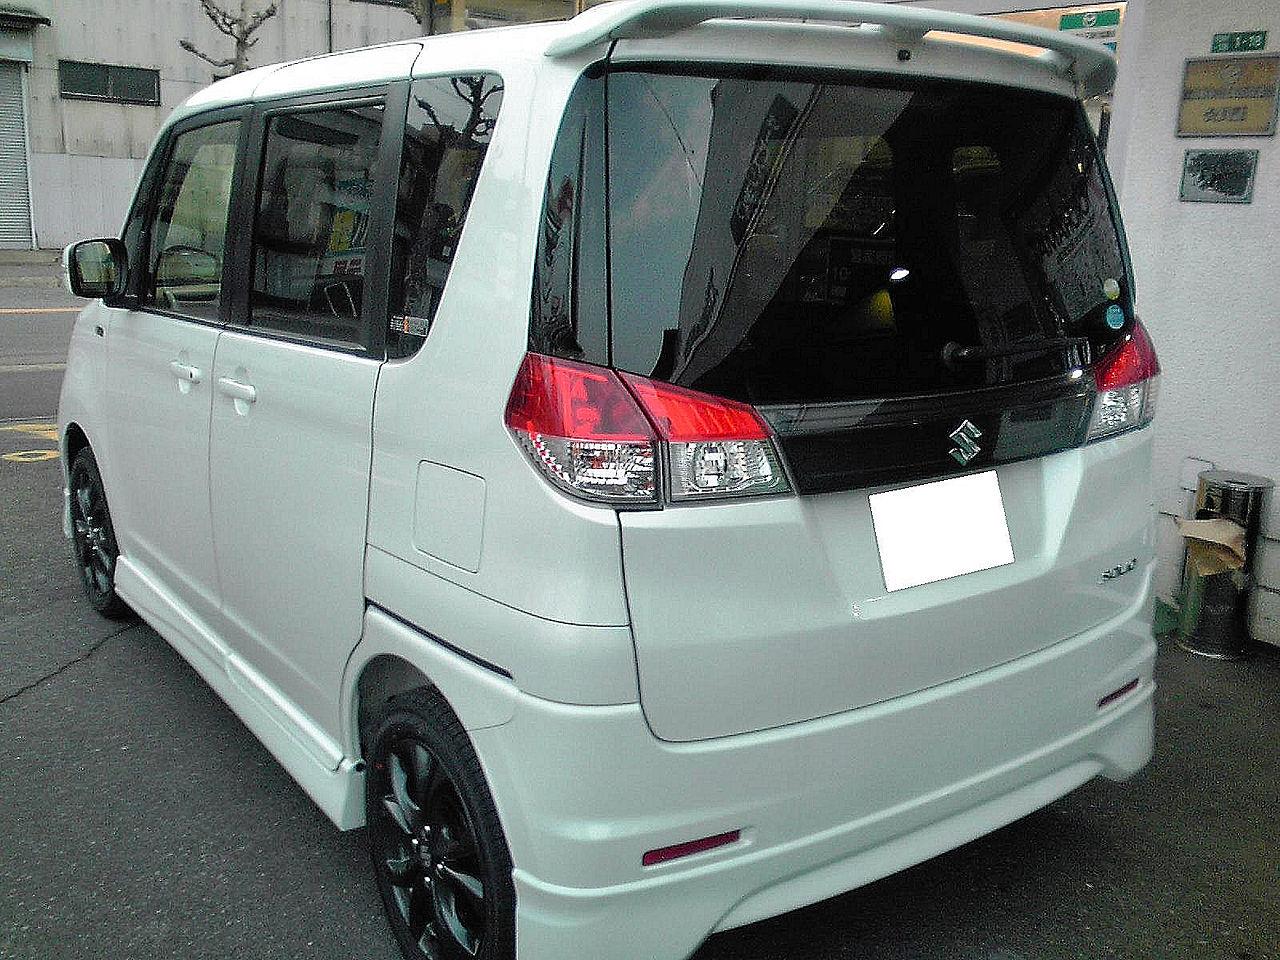 Mobil Ini Mudah Untuk Dibuat Ganteng Seperti Suzuki Solio Versi Modifikasi Dari Gambar Dibawah Ini Hanya Bermodalkan Velg Custom Dan Bermain Di Sektor